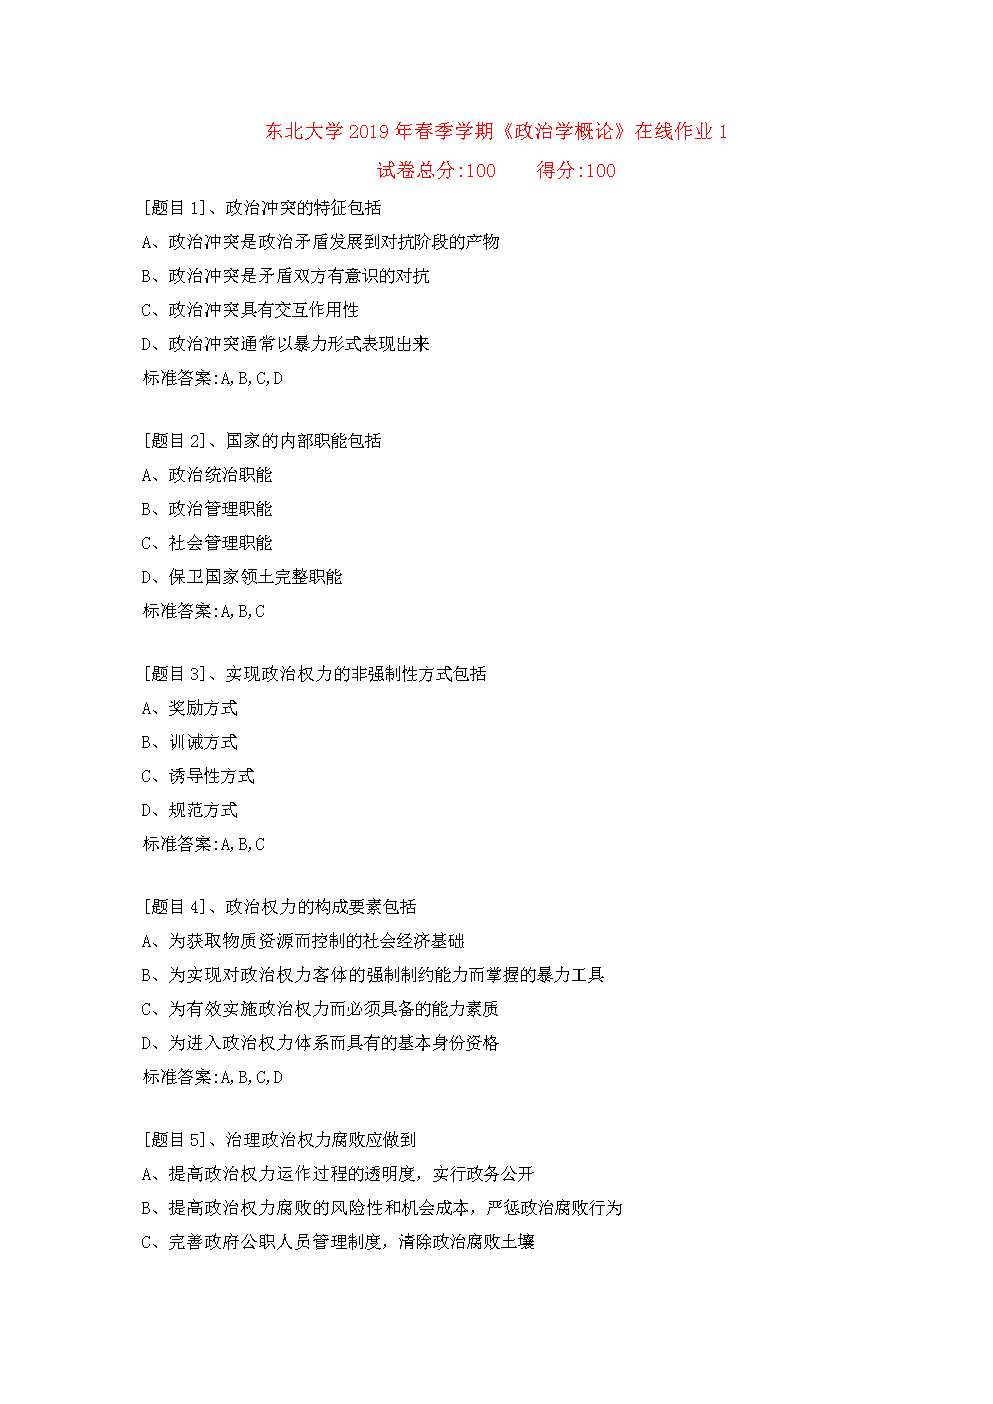 东北大学2019年春季学期《政治学概论》在线作业(答案).doc